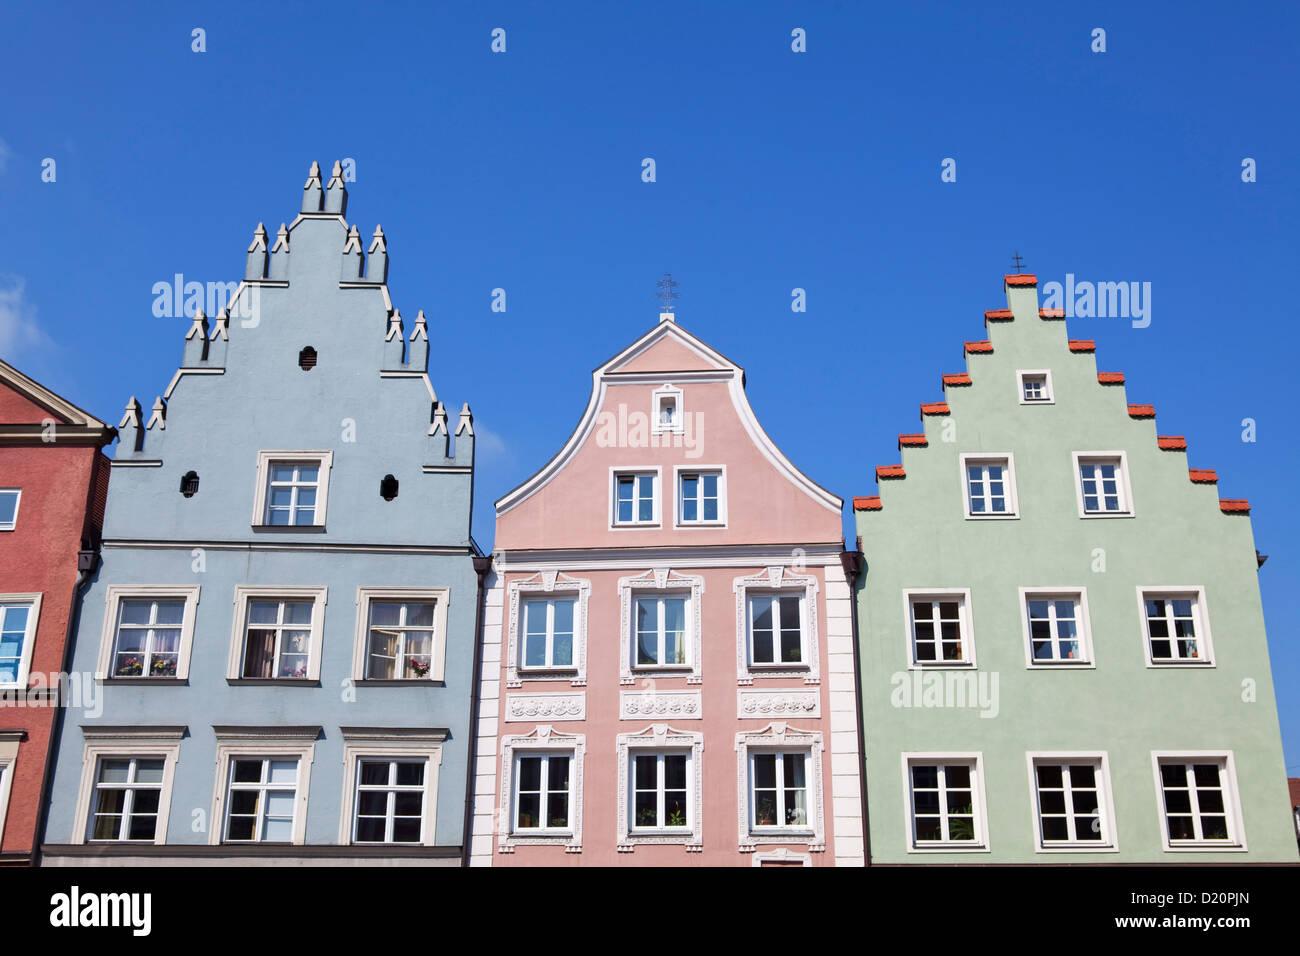 Historic facades along Neustadt Lane, Landshut, Lower Bavaria, Bavaria, Germany, Europe - Stock Image